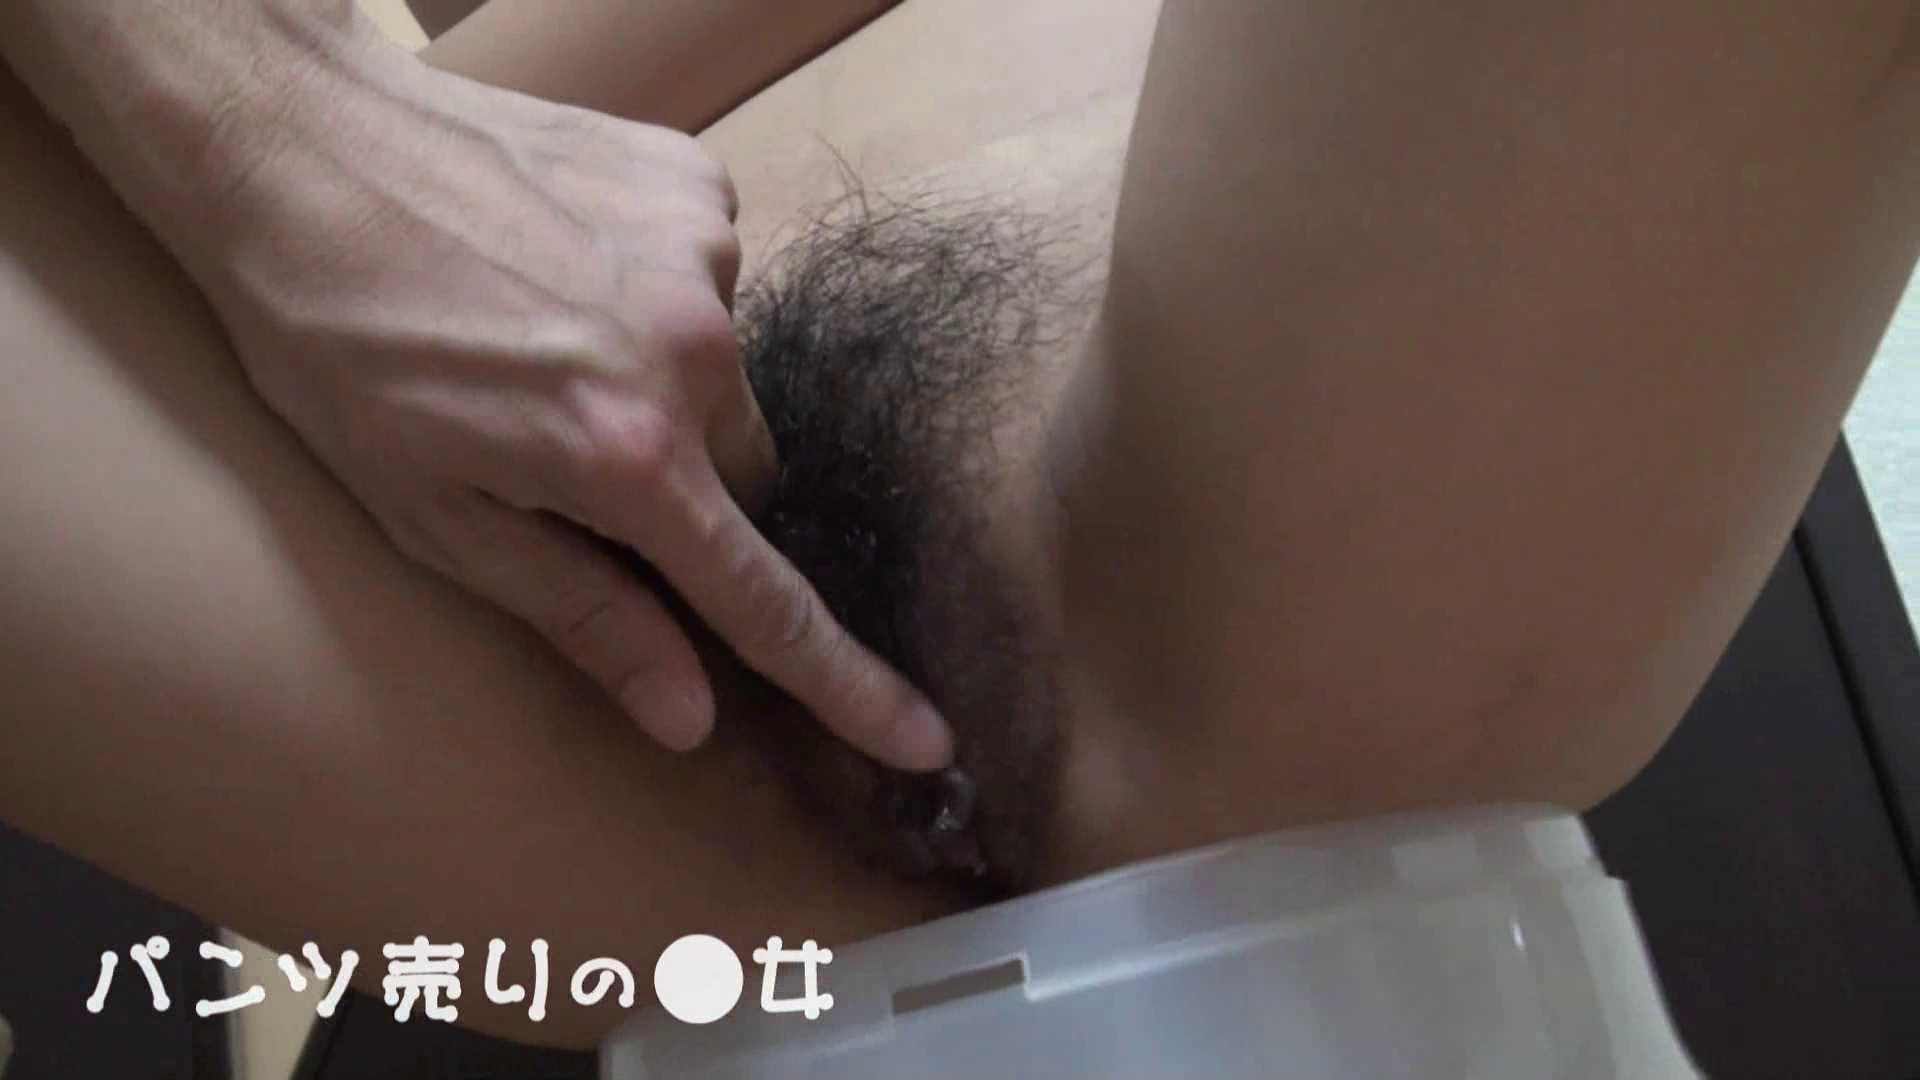 新説 パンツ売りの女の子nana02 オマンコ全開  103PIX 40